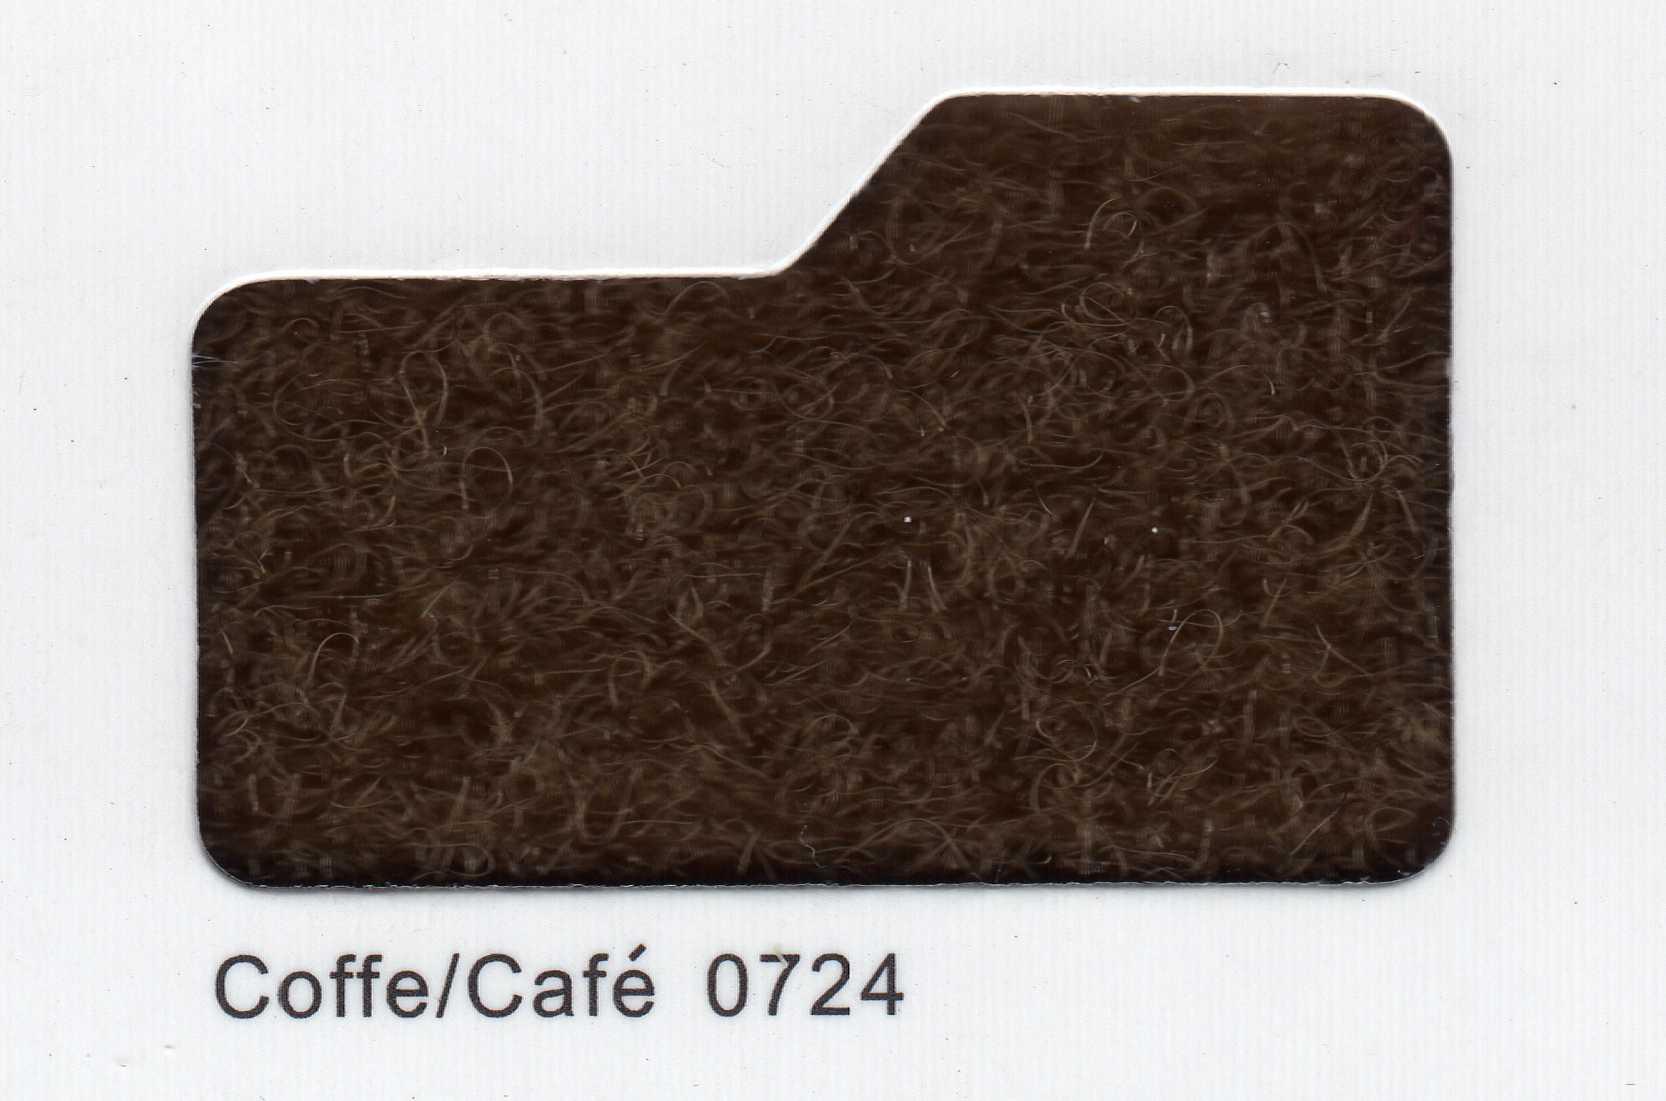 Cinta de cierre Velcro-Veraco 38mm Café 0724 (Gancho).